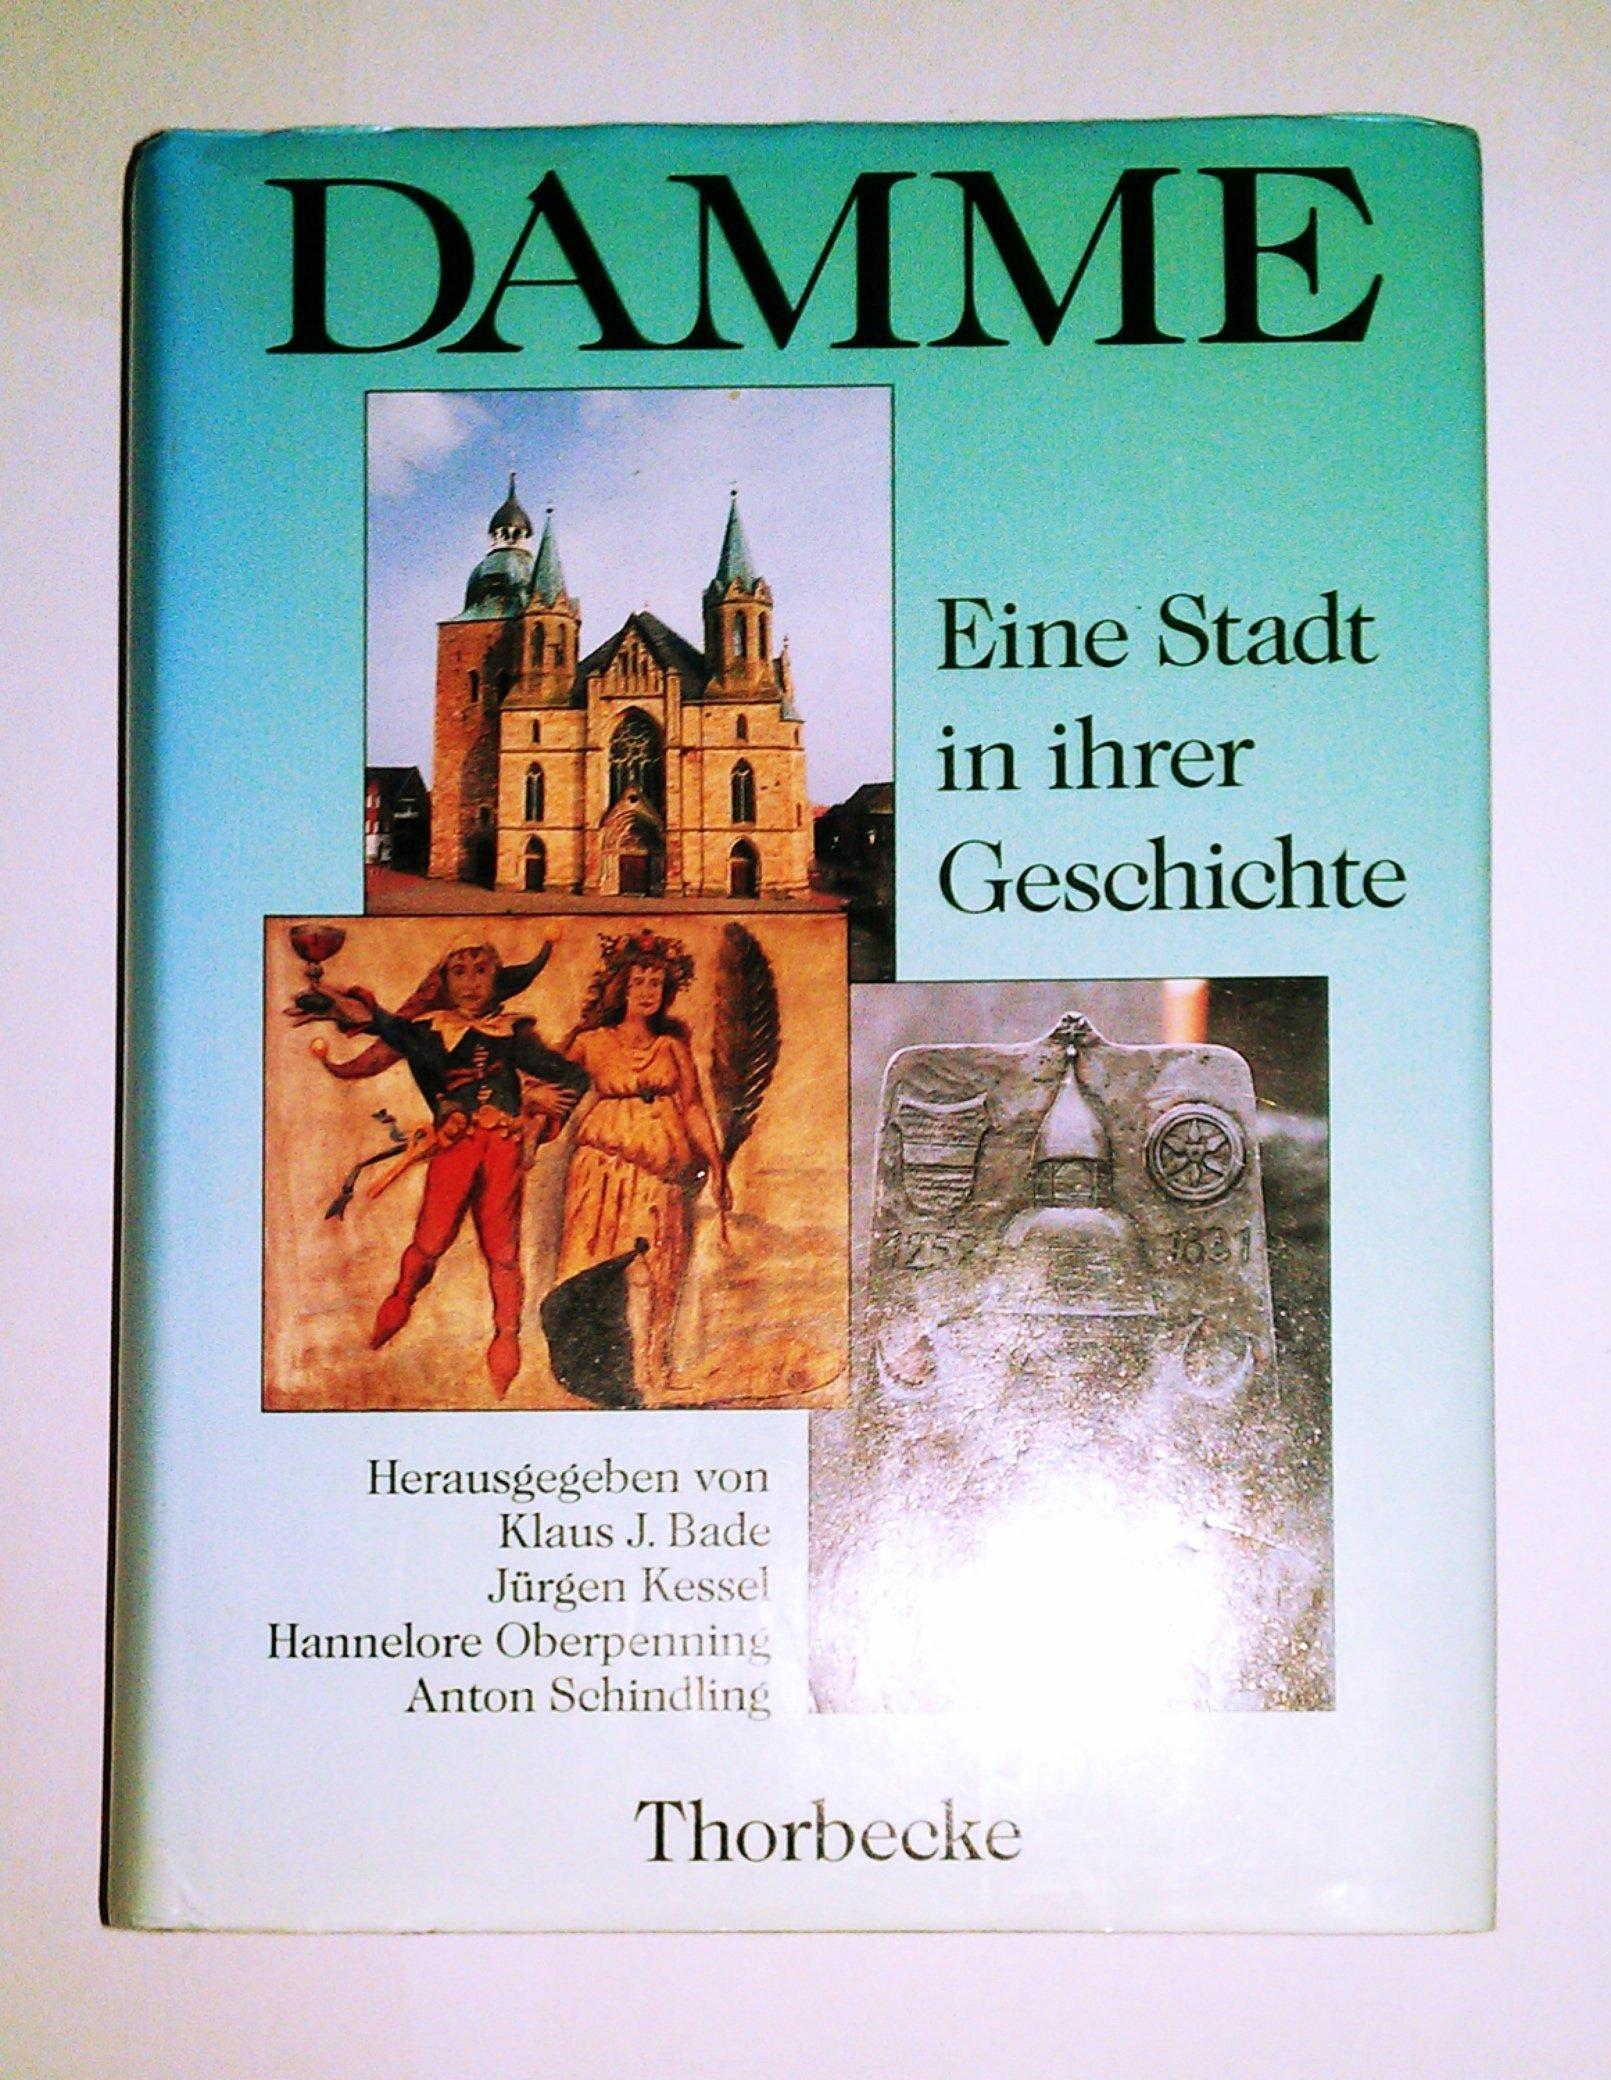 Damme. Eine Stadt in ihrer Geschichte: Amazon.de: Klaus J. Bade ...